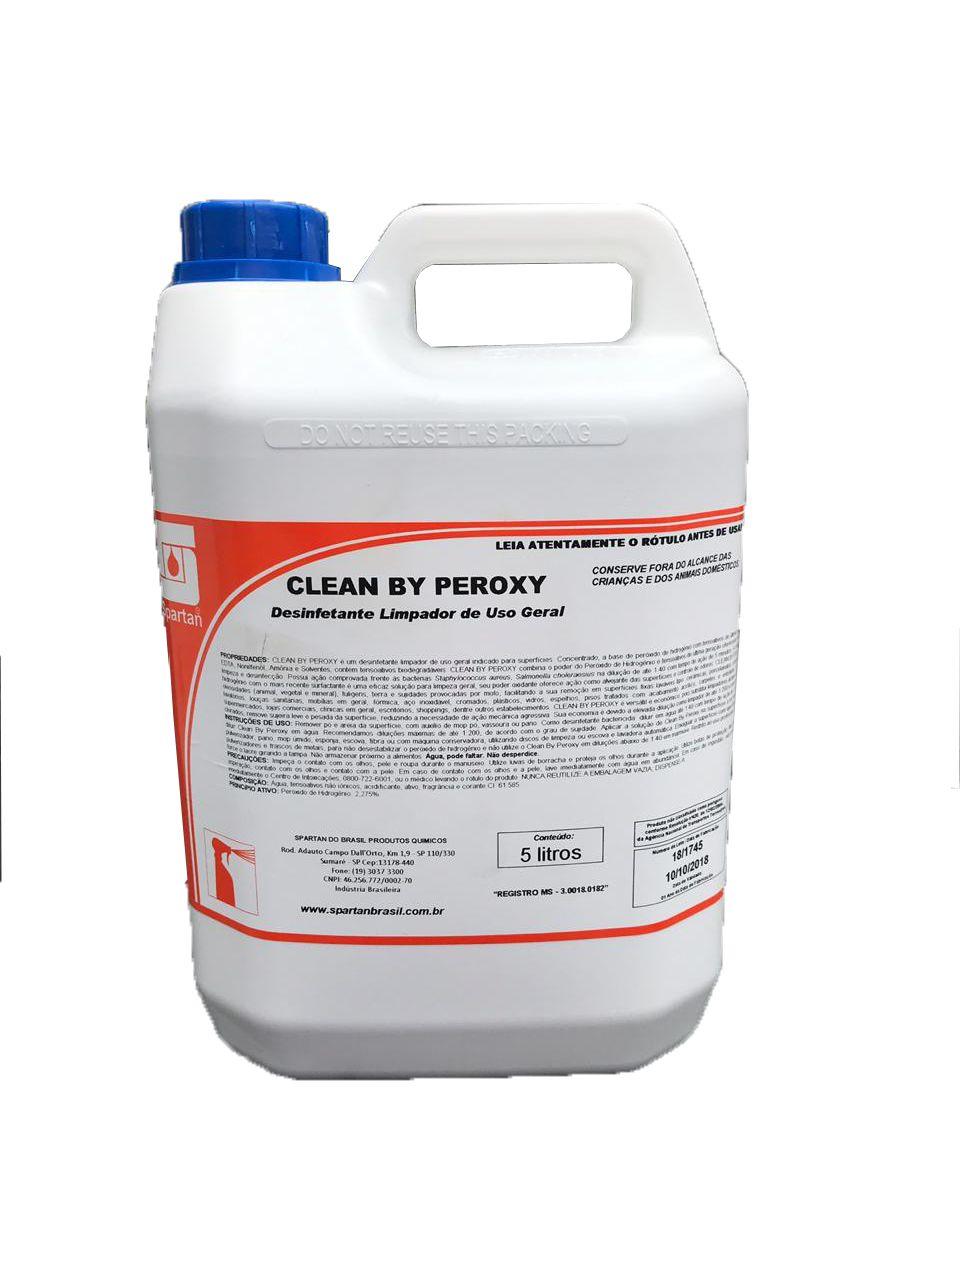 Limpador de Uso Geral Clean by Peroxy 5L